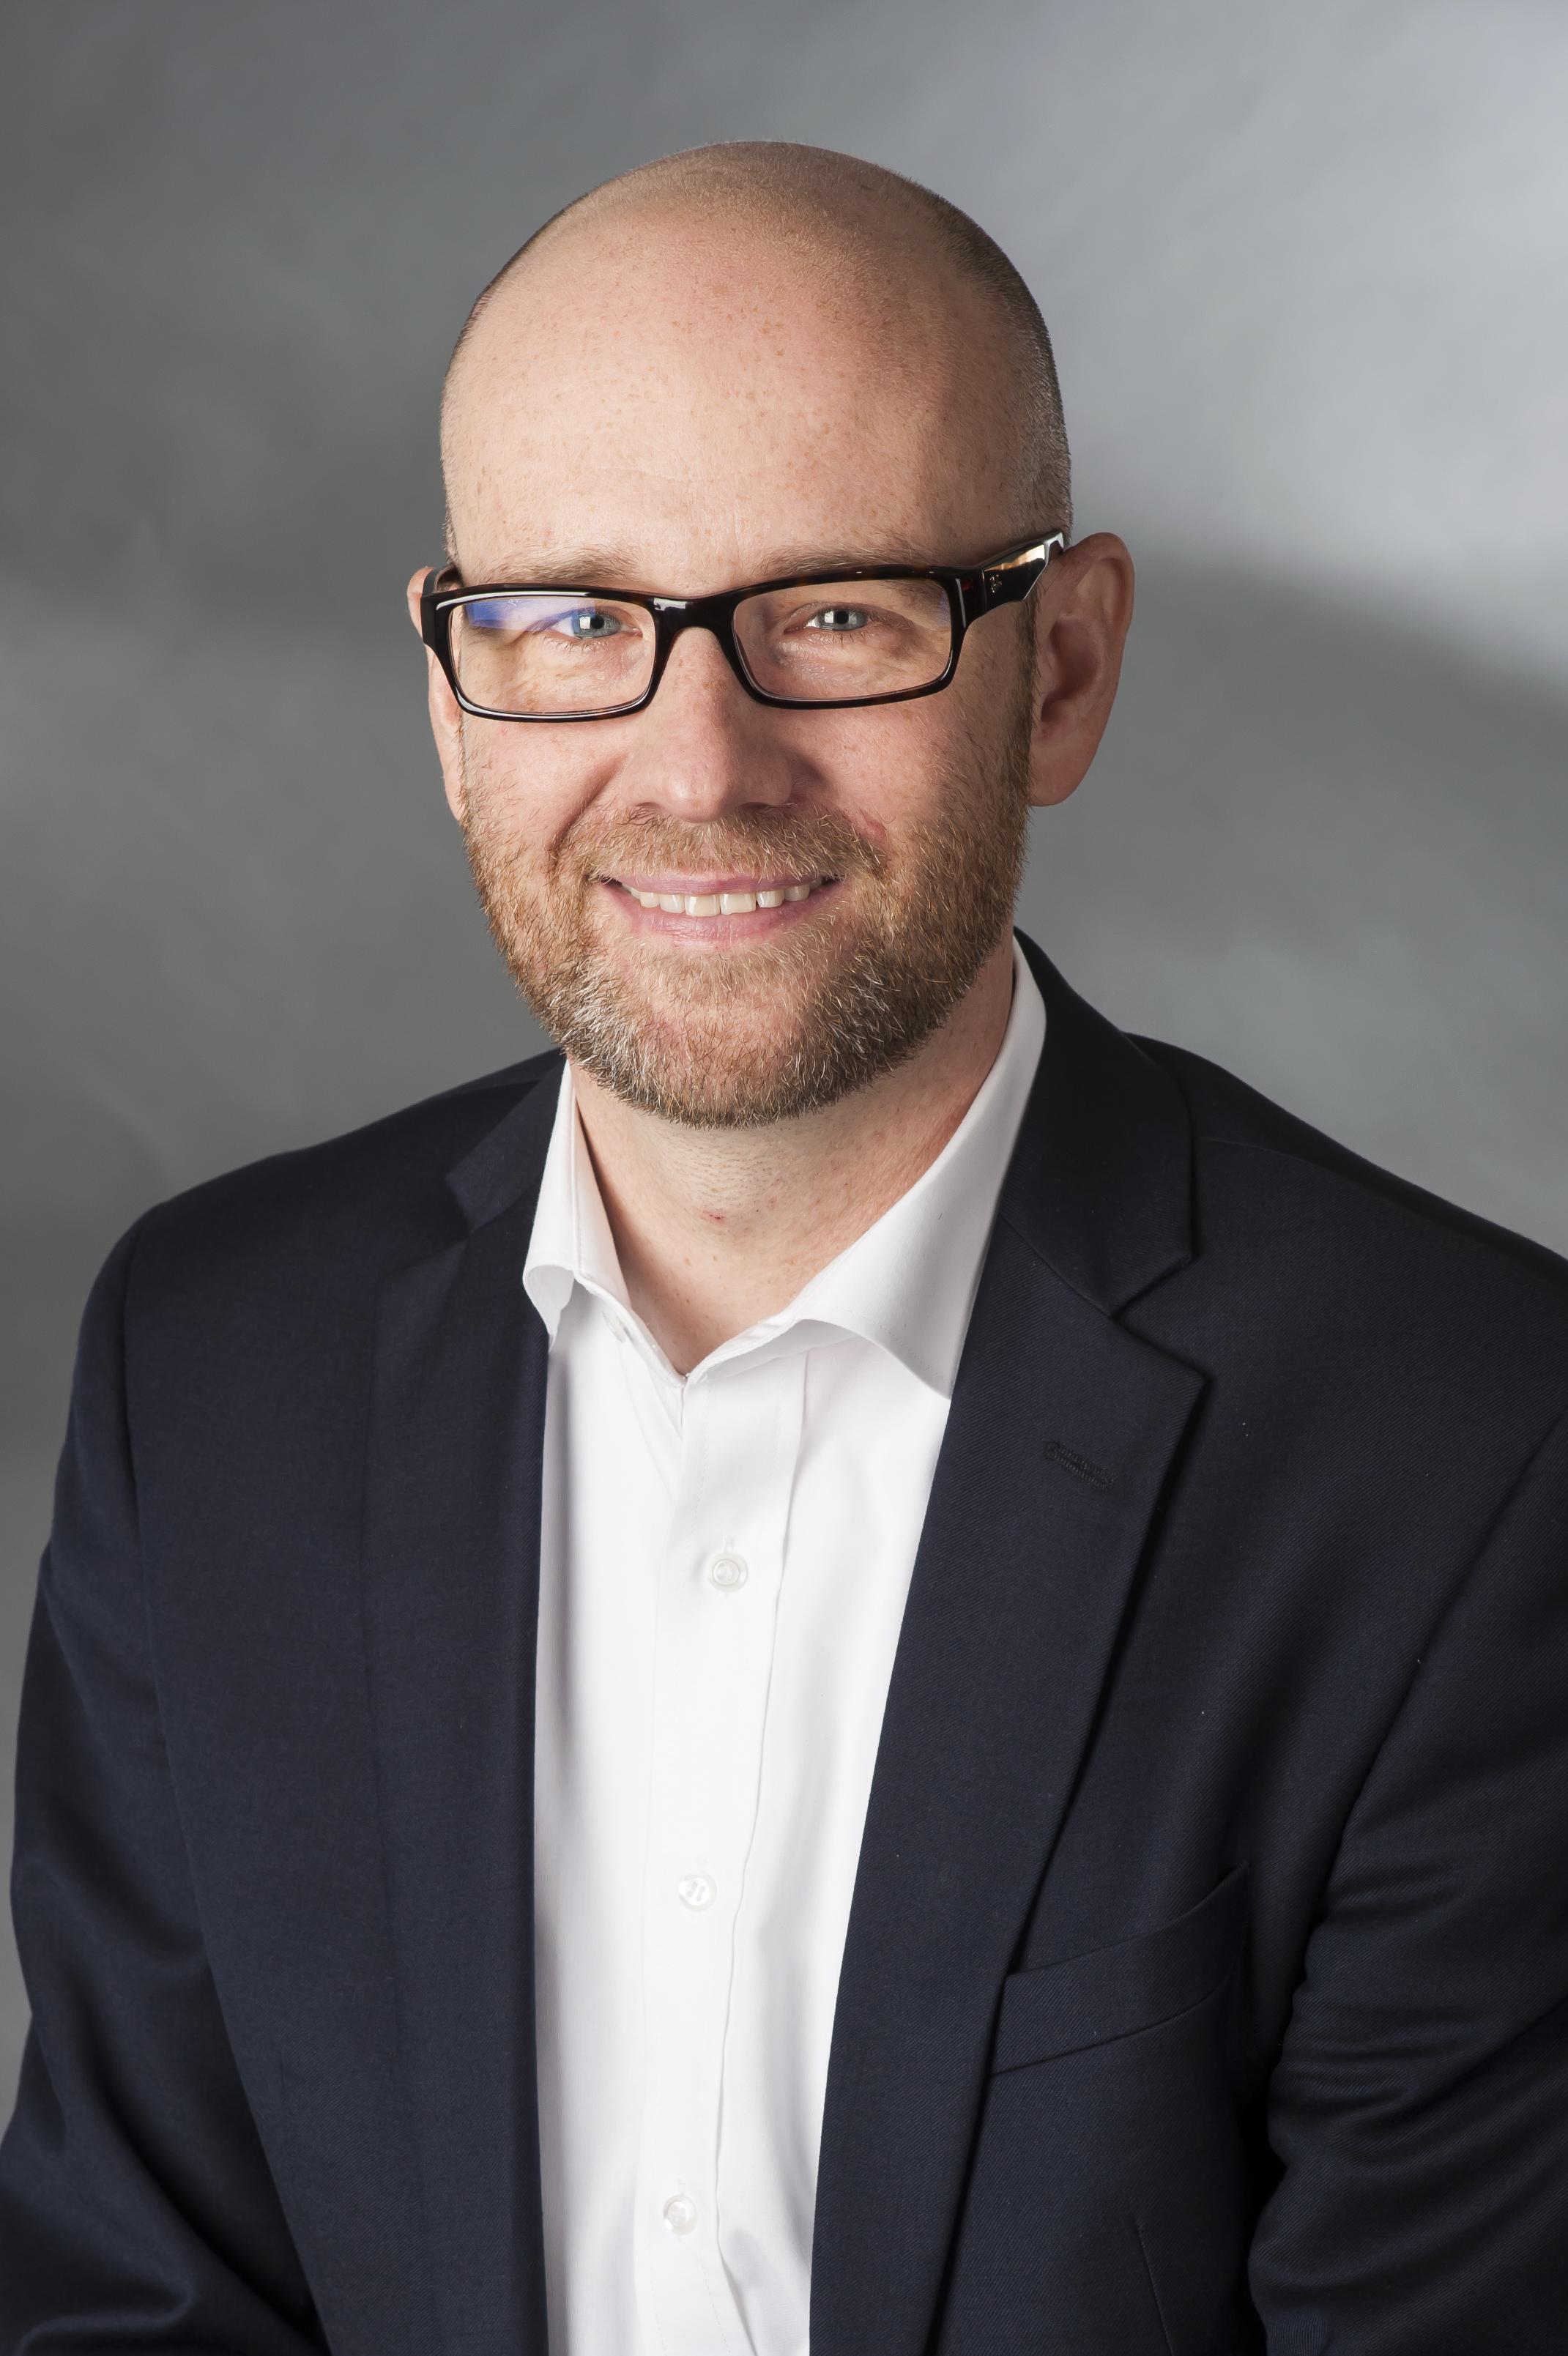 Dr Peter Tauber Freundin